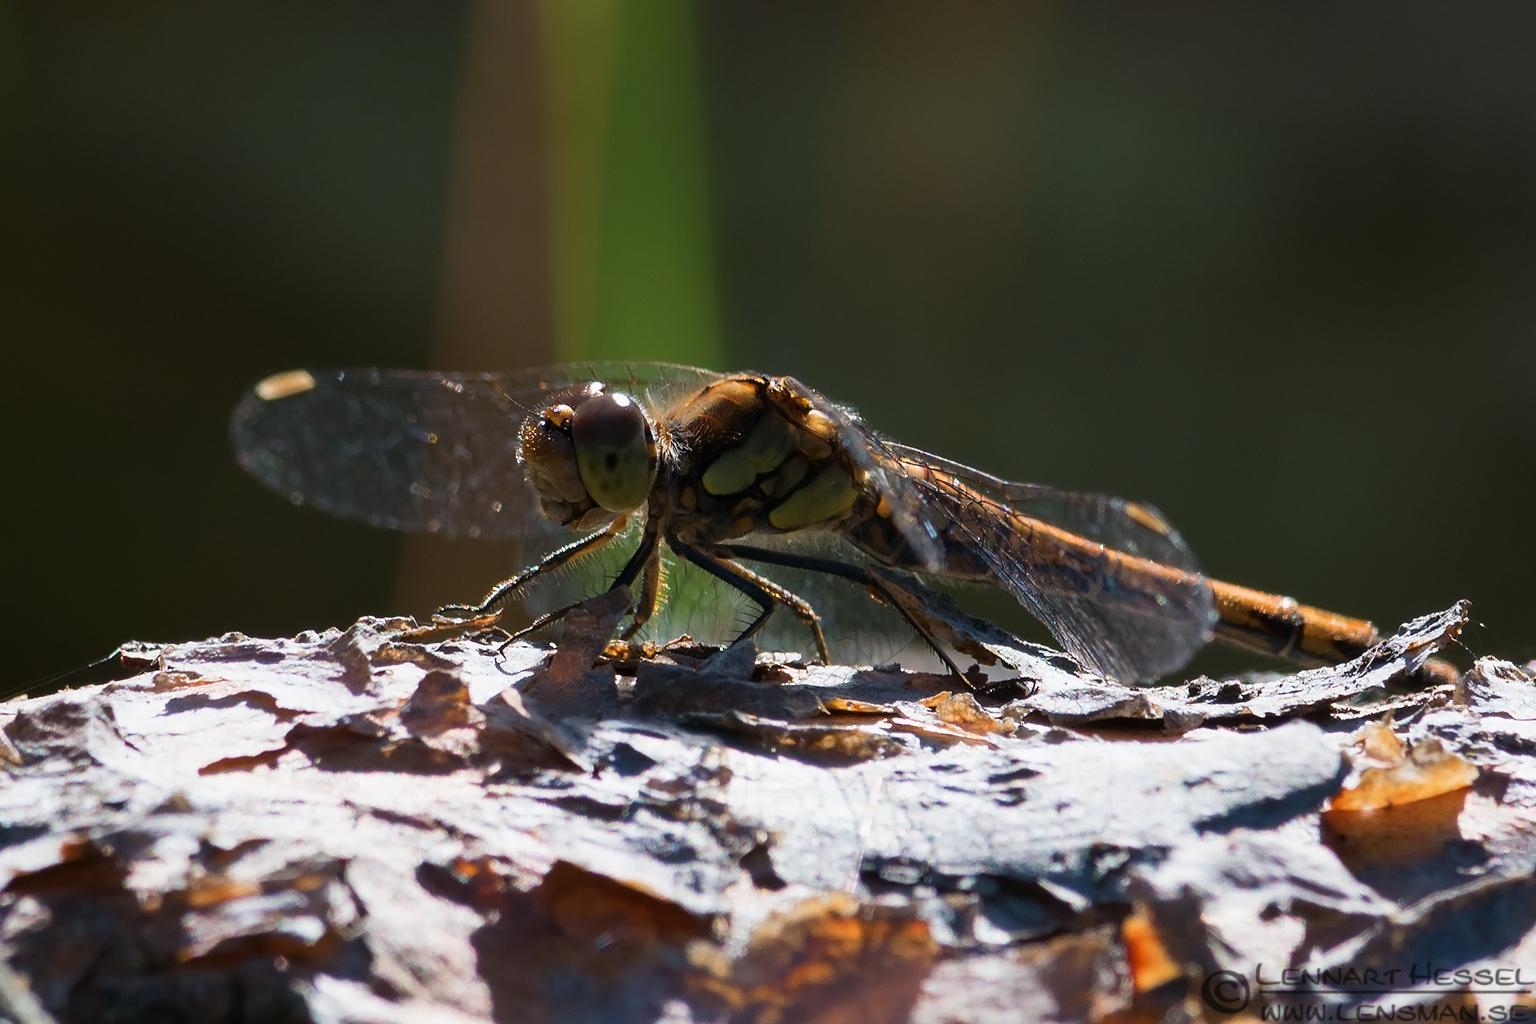 Dragonfly Öland 2012